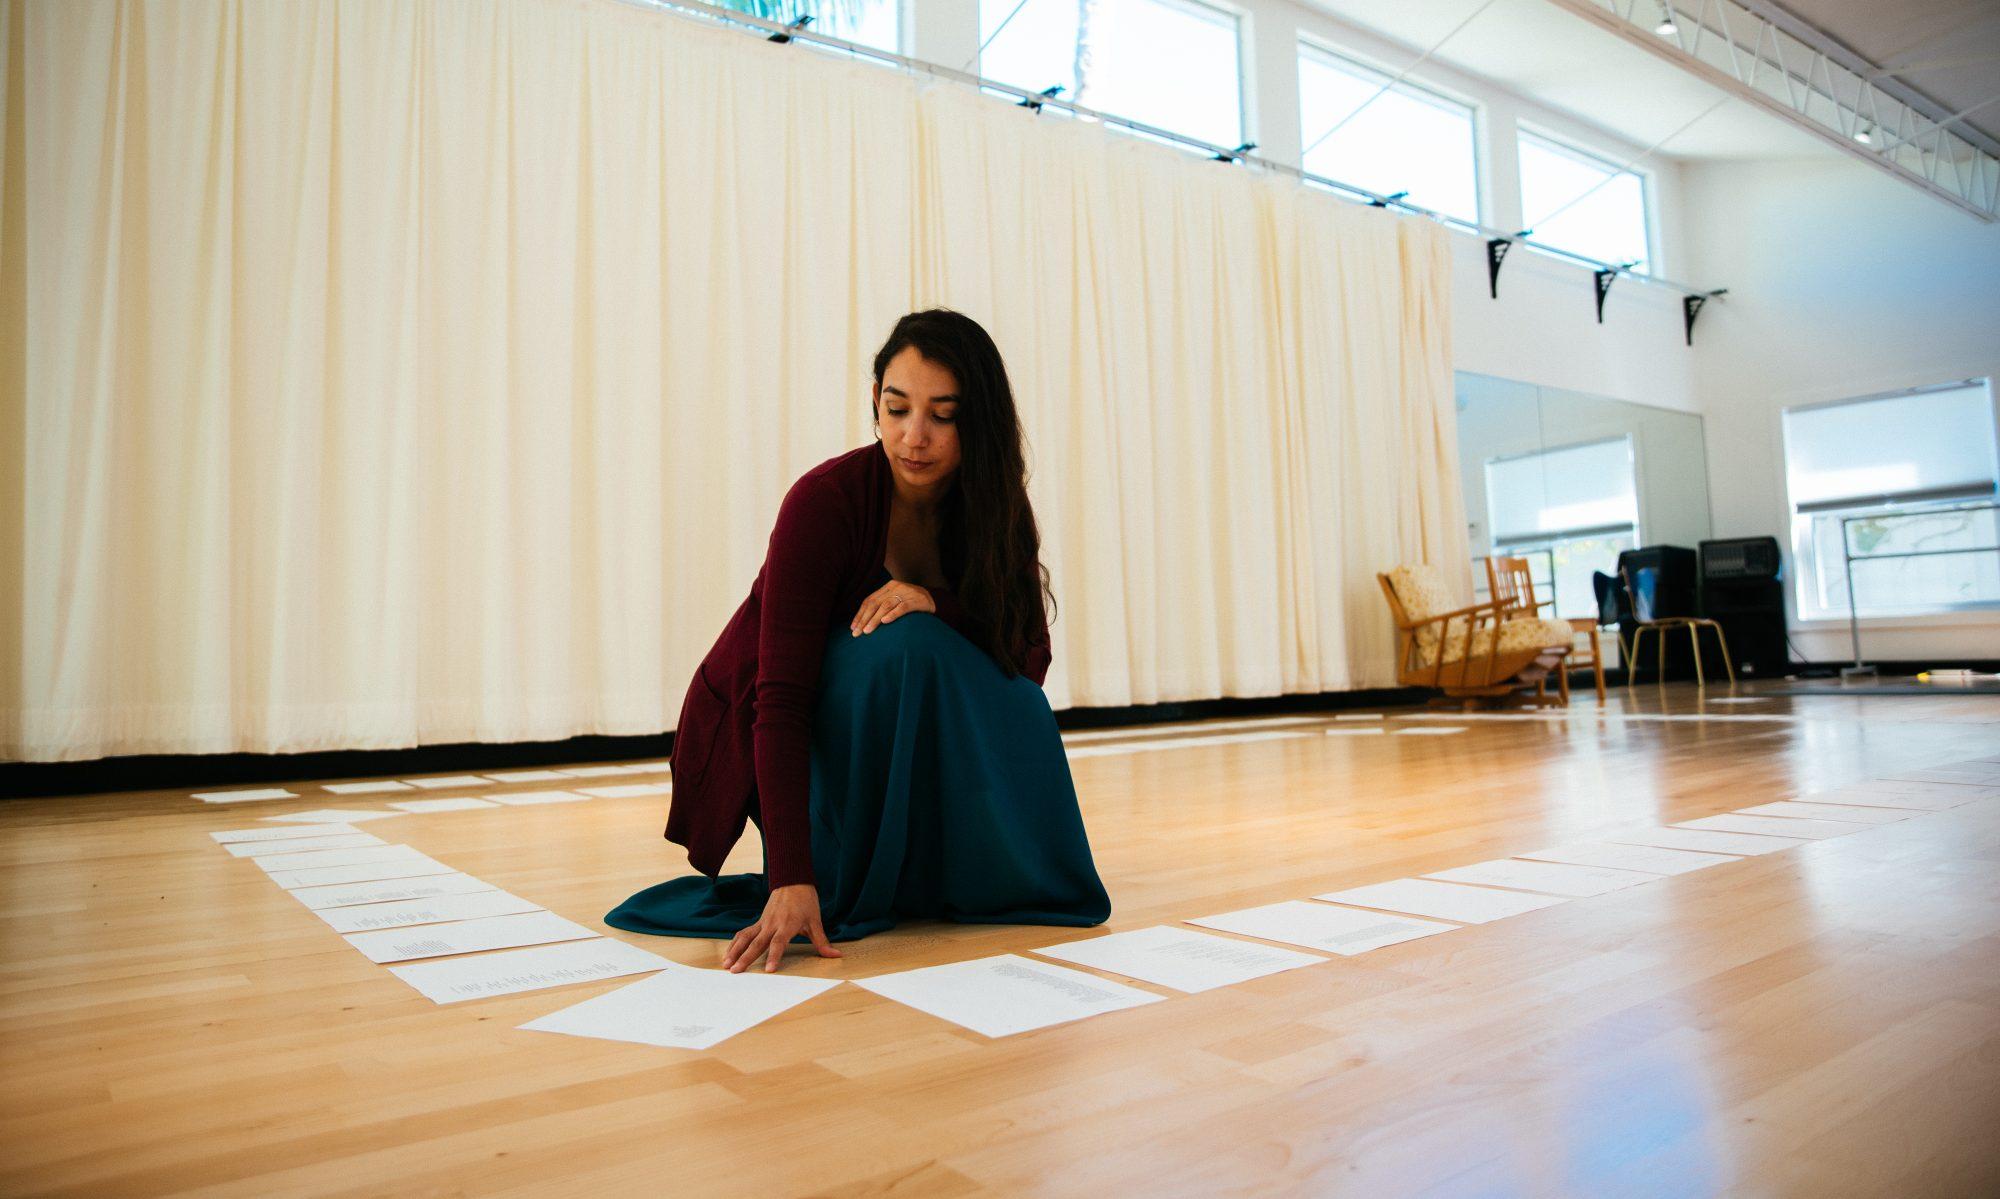 Amanda Galvan Huynh